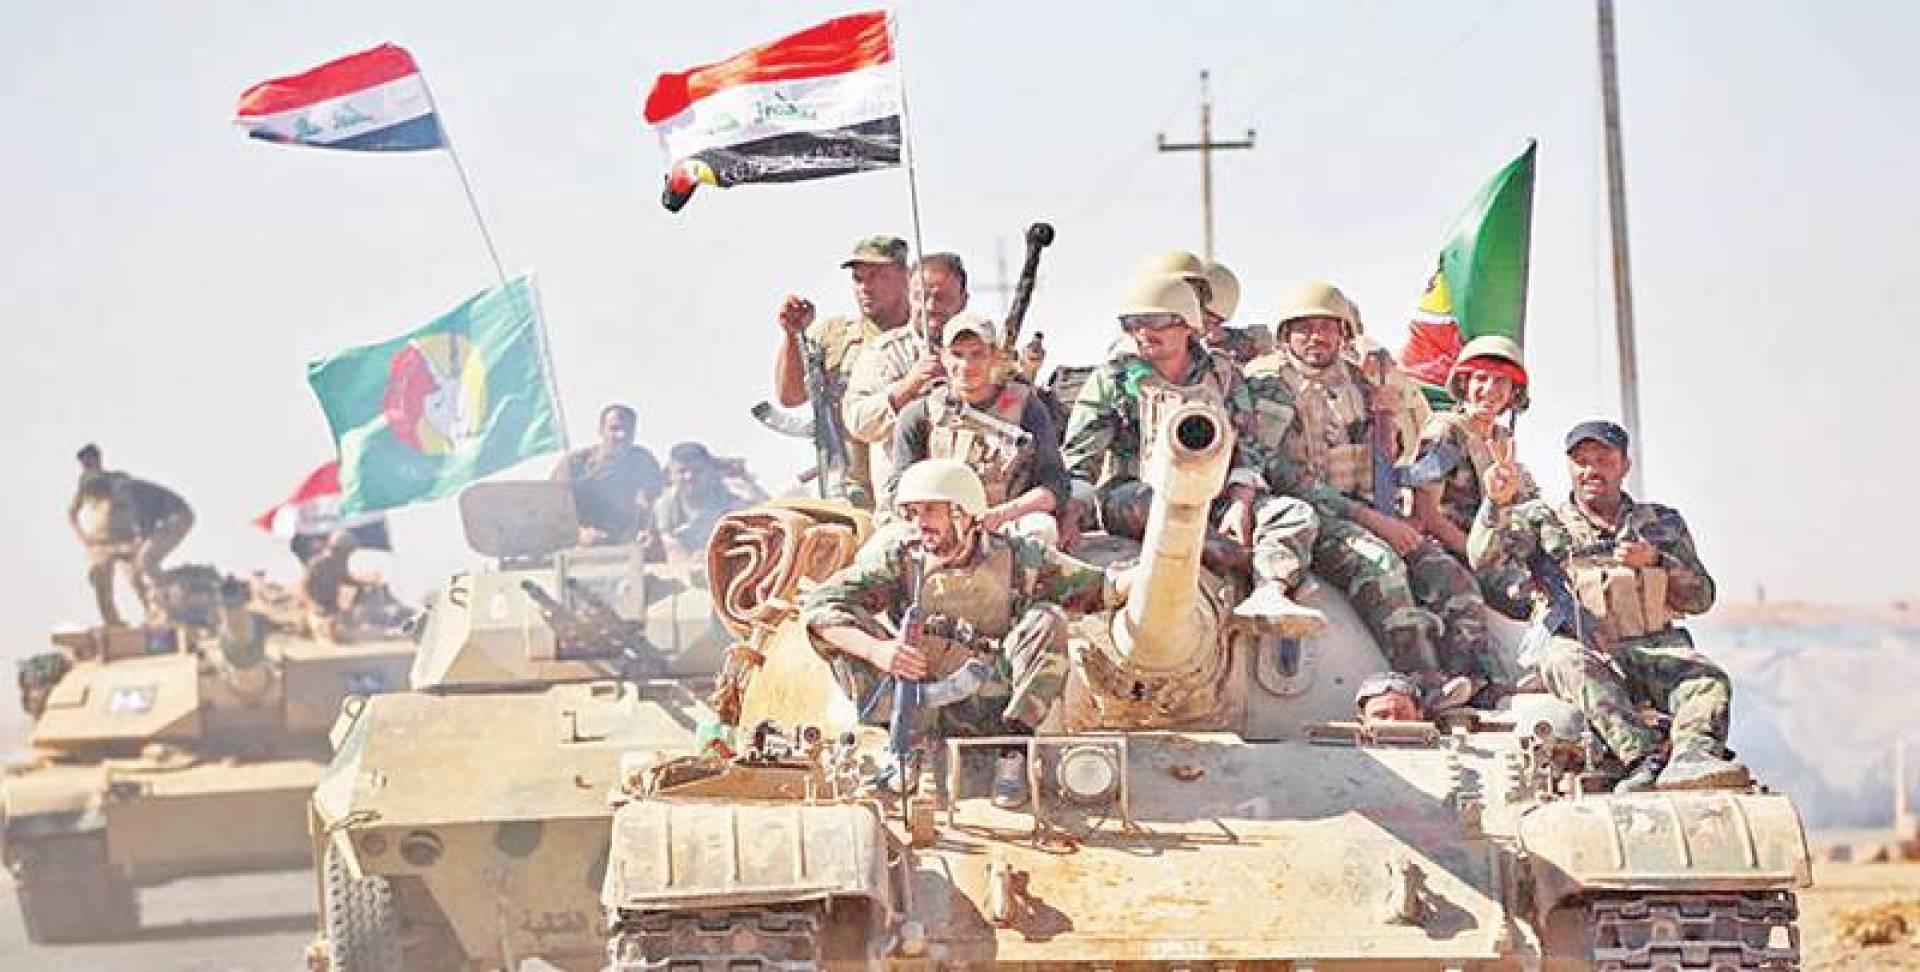 ميليشيات الحشد الشعبي في العراق.. ولاء لإيران